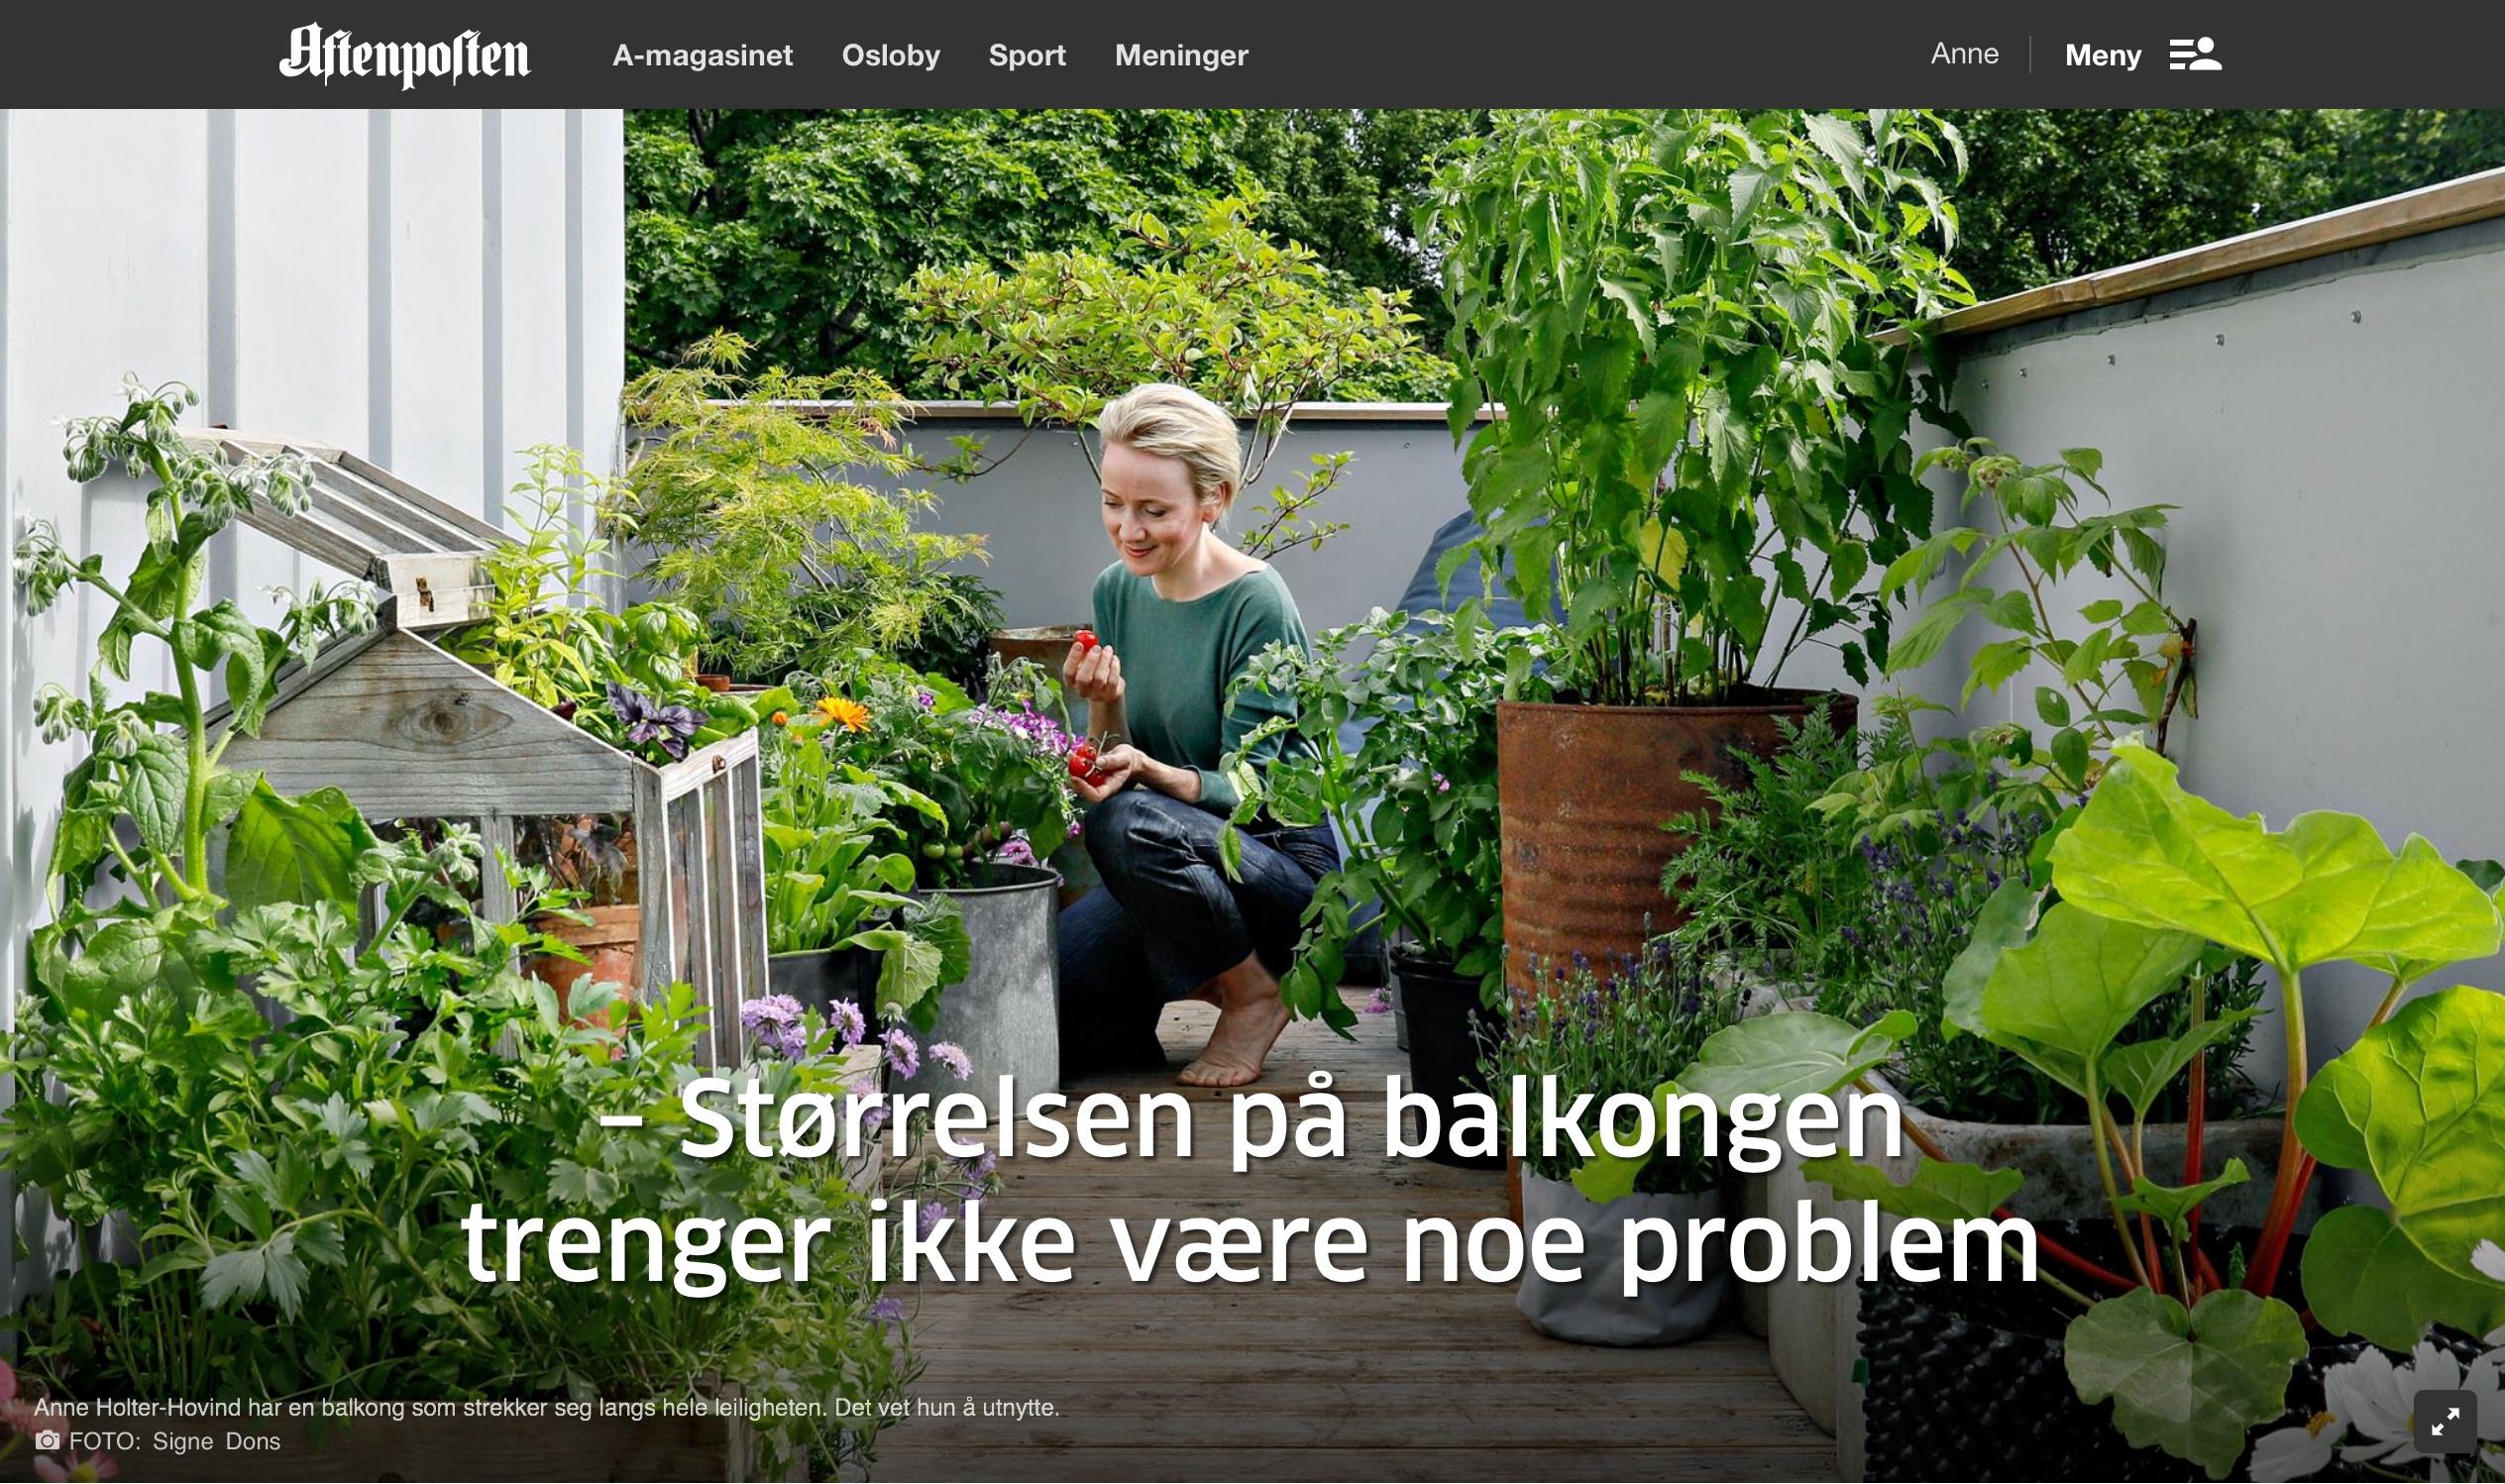 Screenshot Aftenposten. Foto Signe Dons